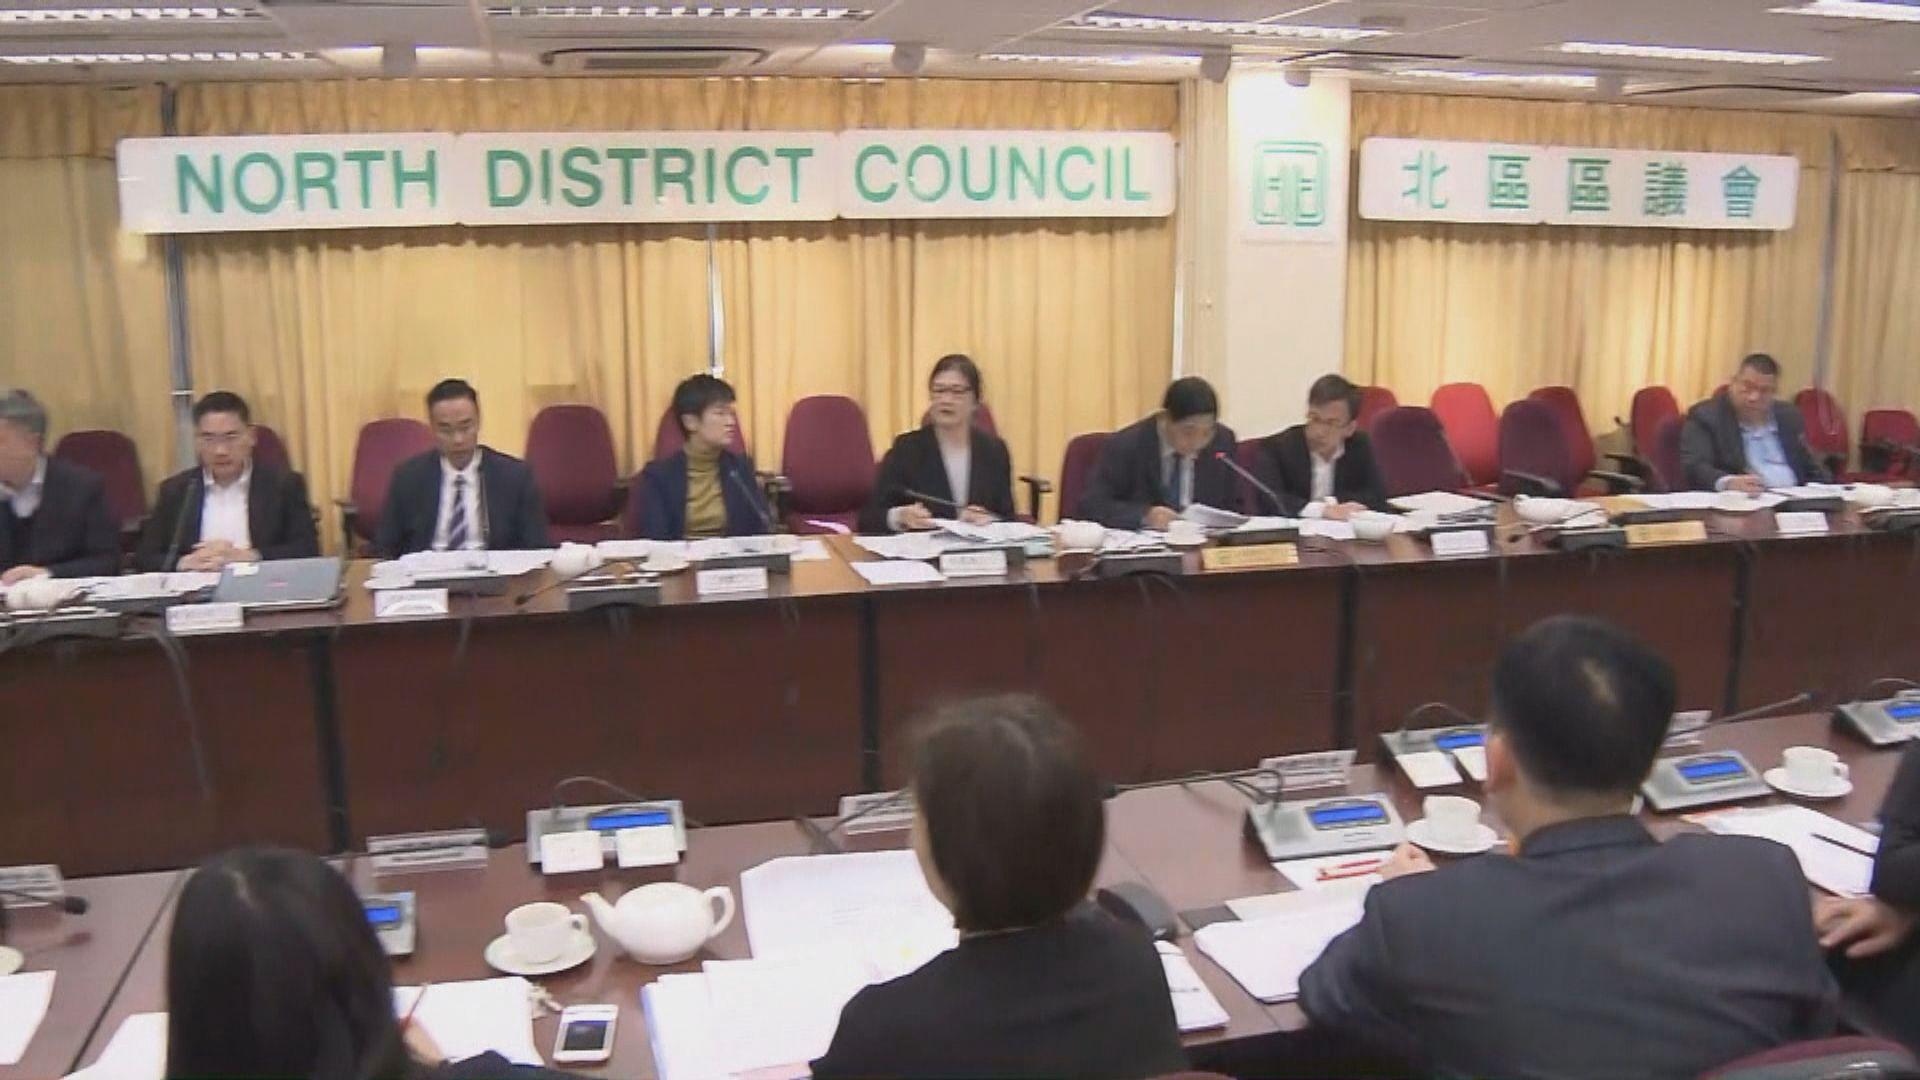 北區區議會否決自由行旅客改為一年八行動議